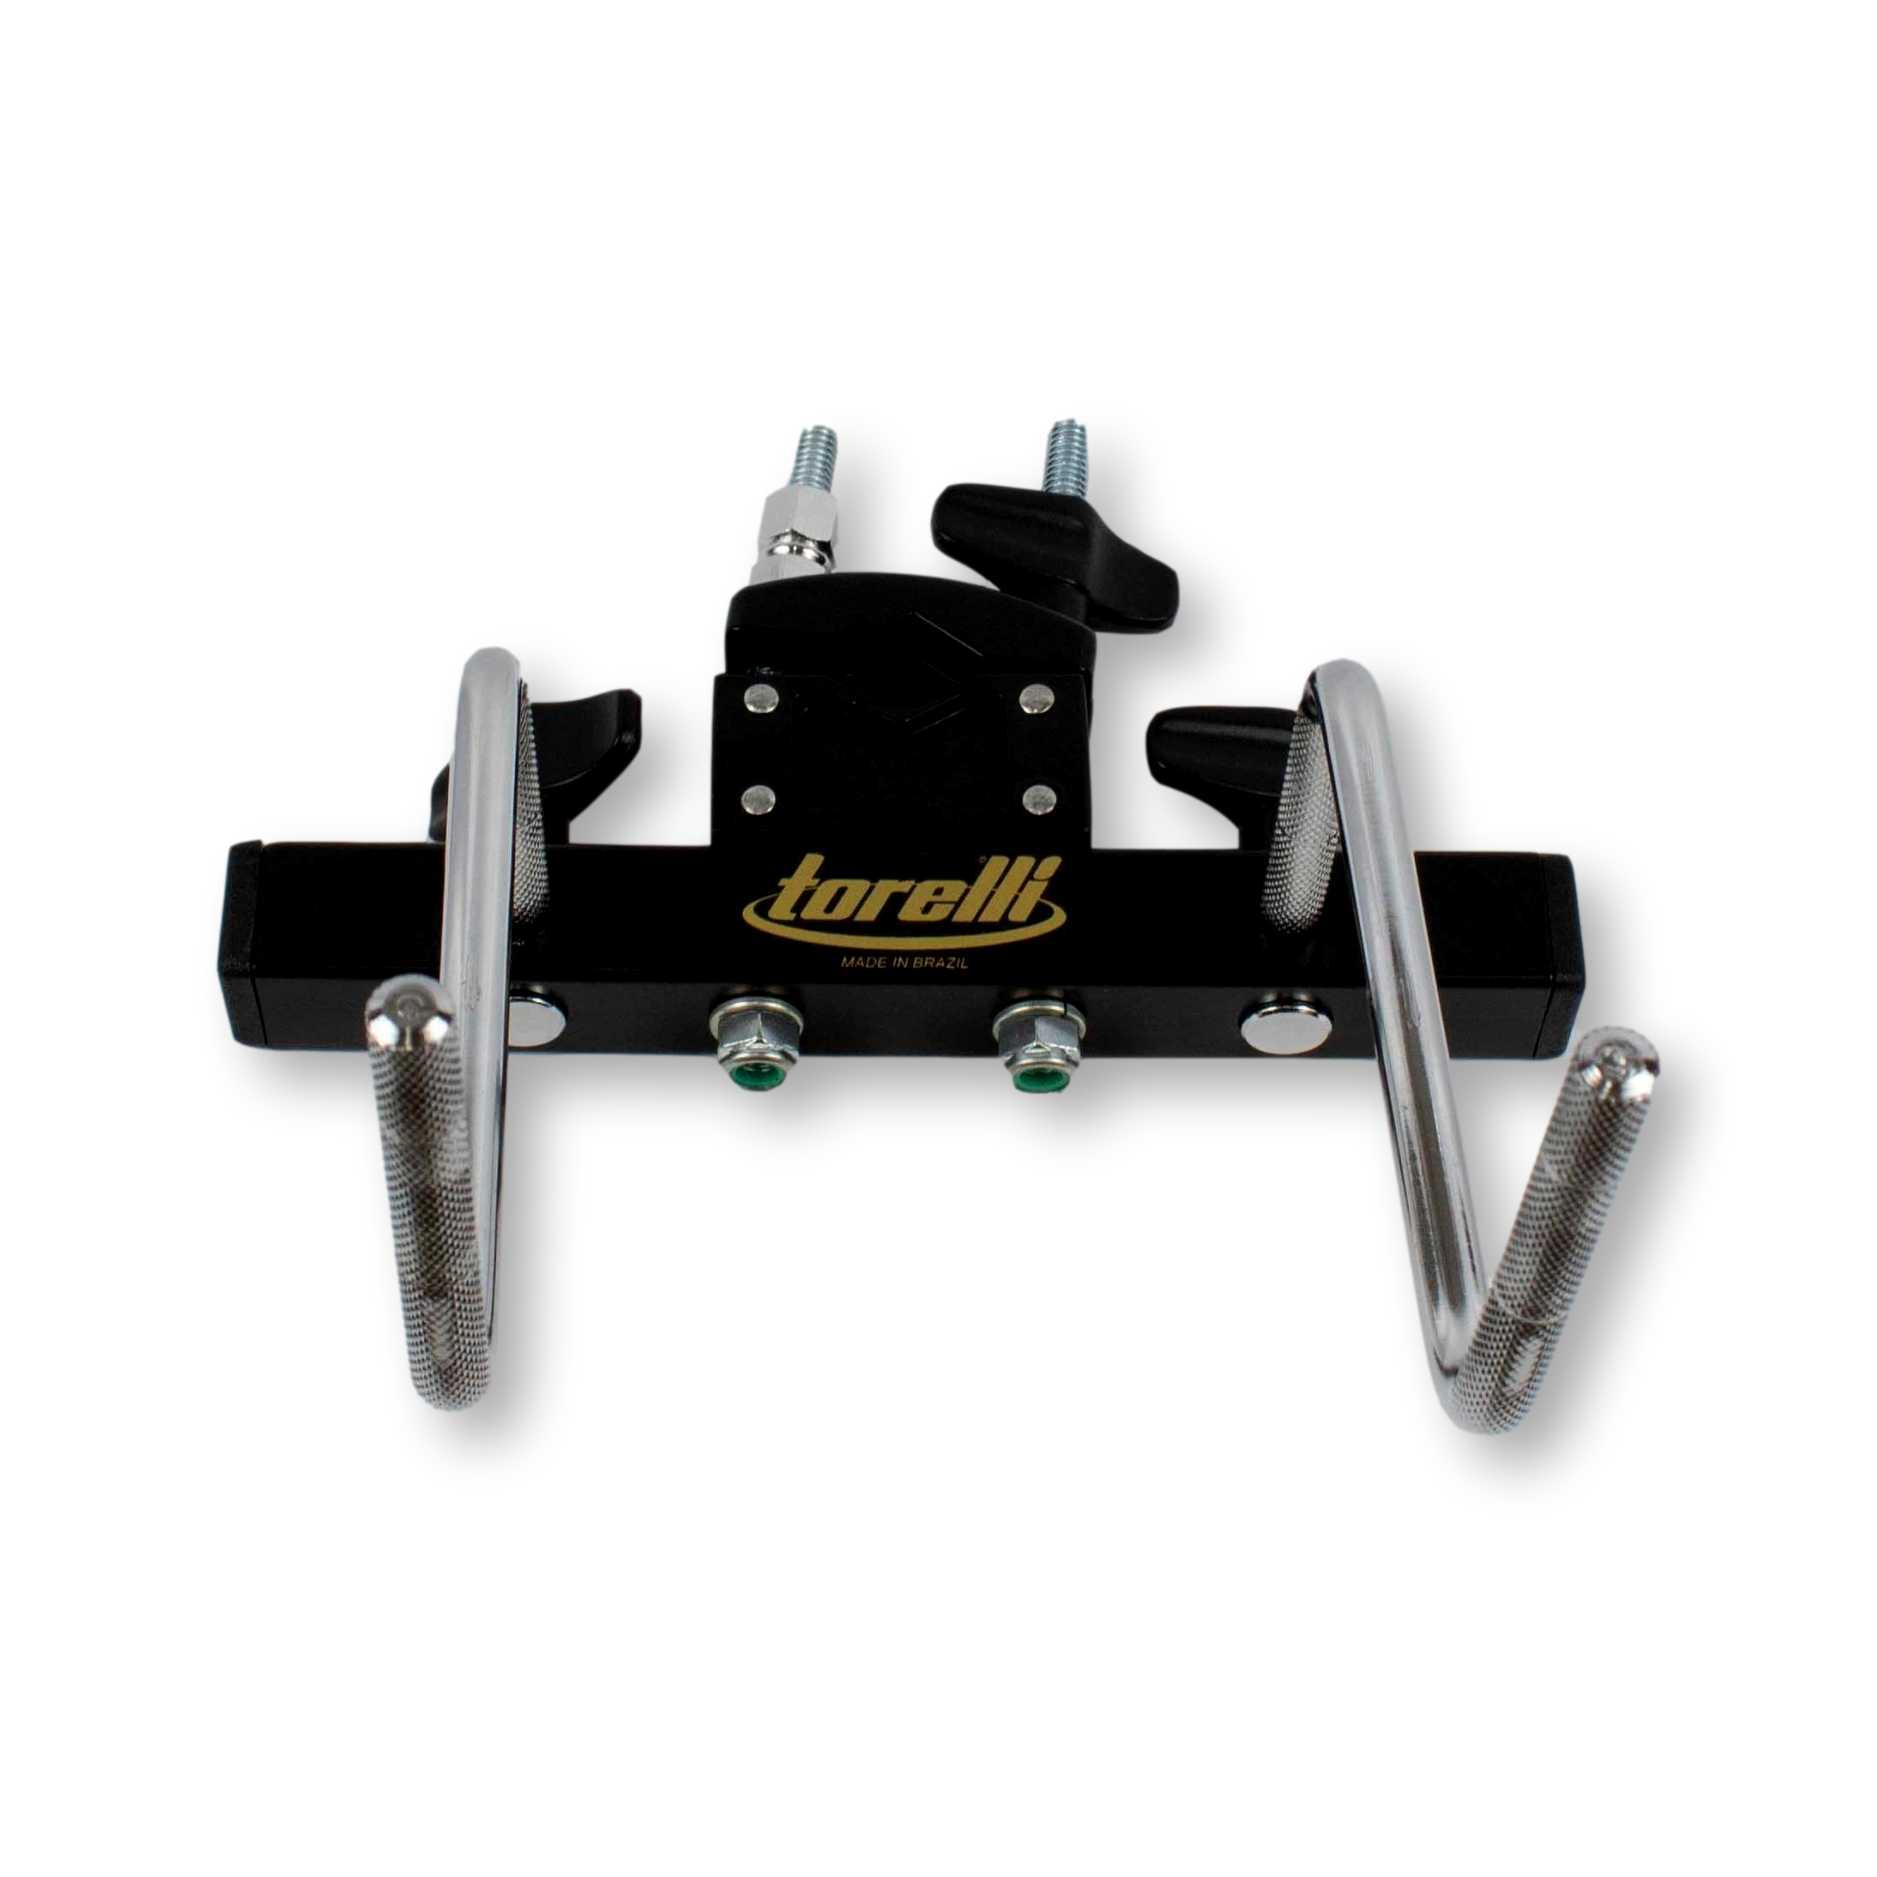 Rack Para Percussão Com 2 Hastes Torelli TA452